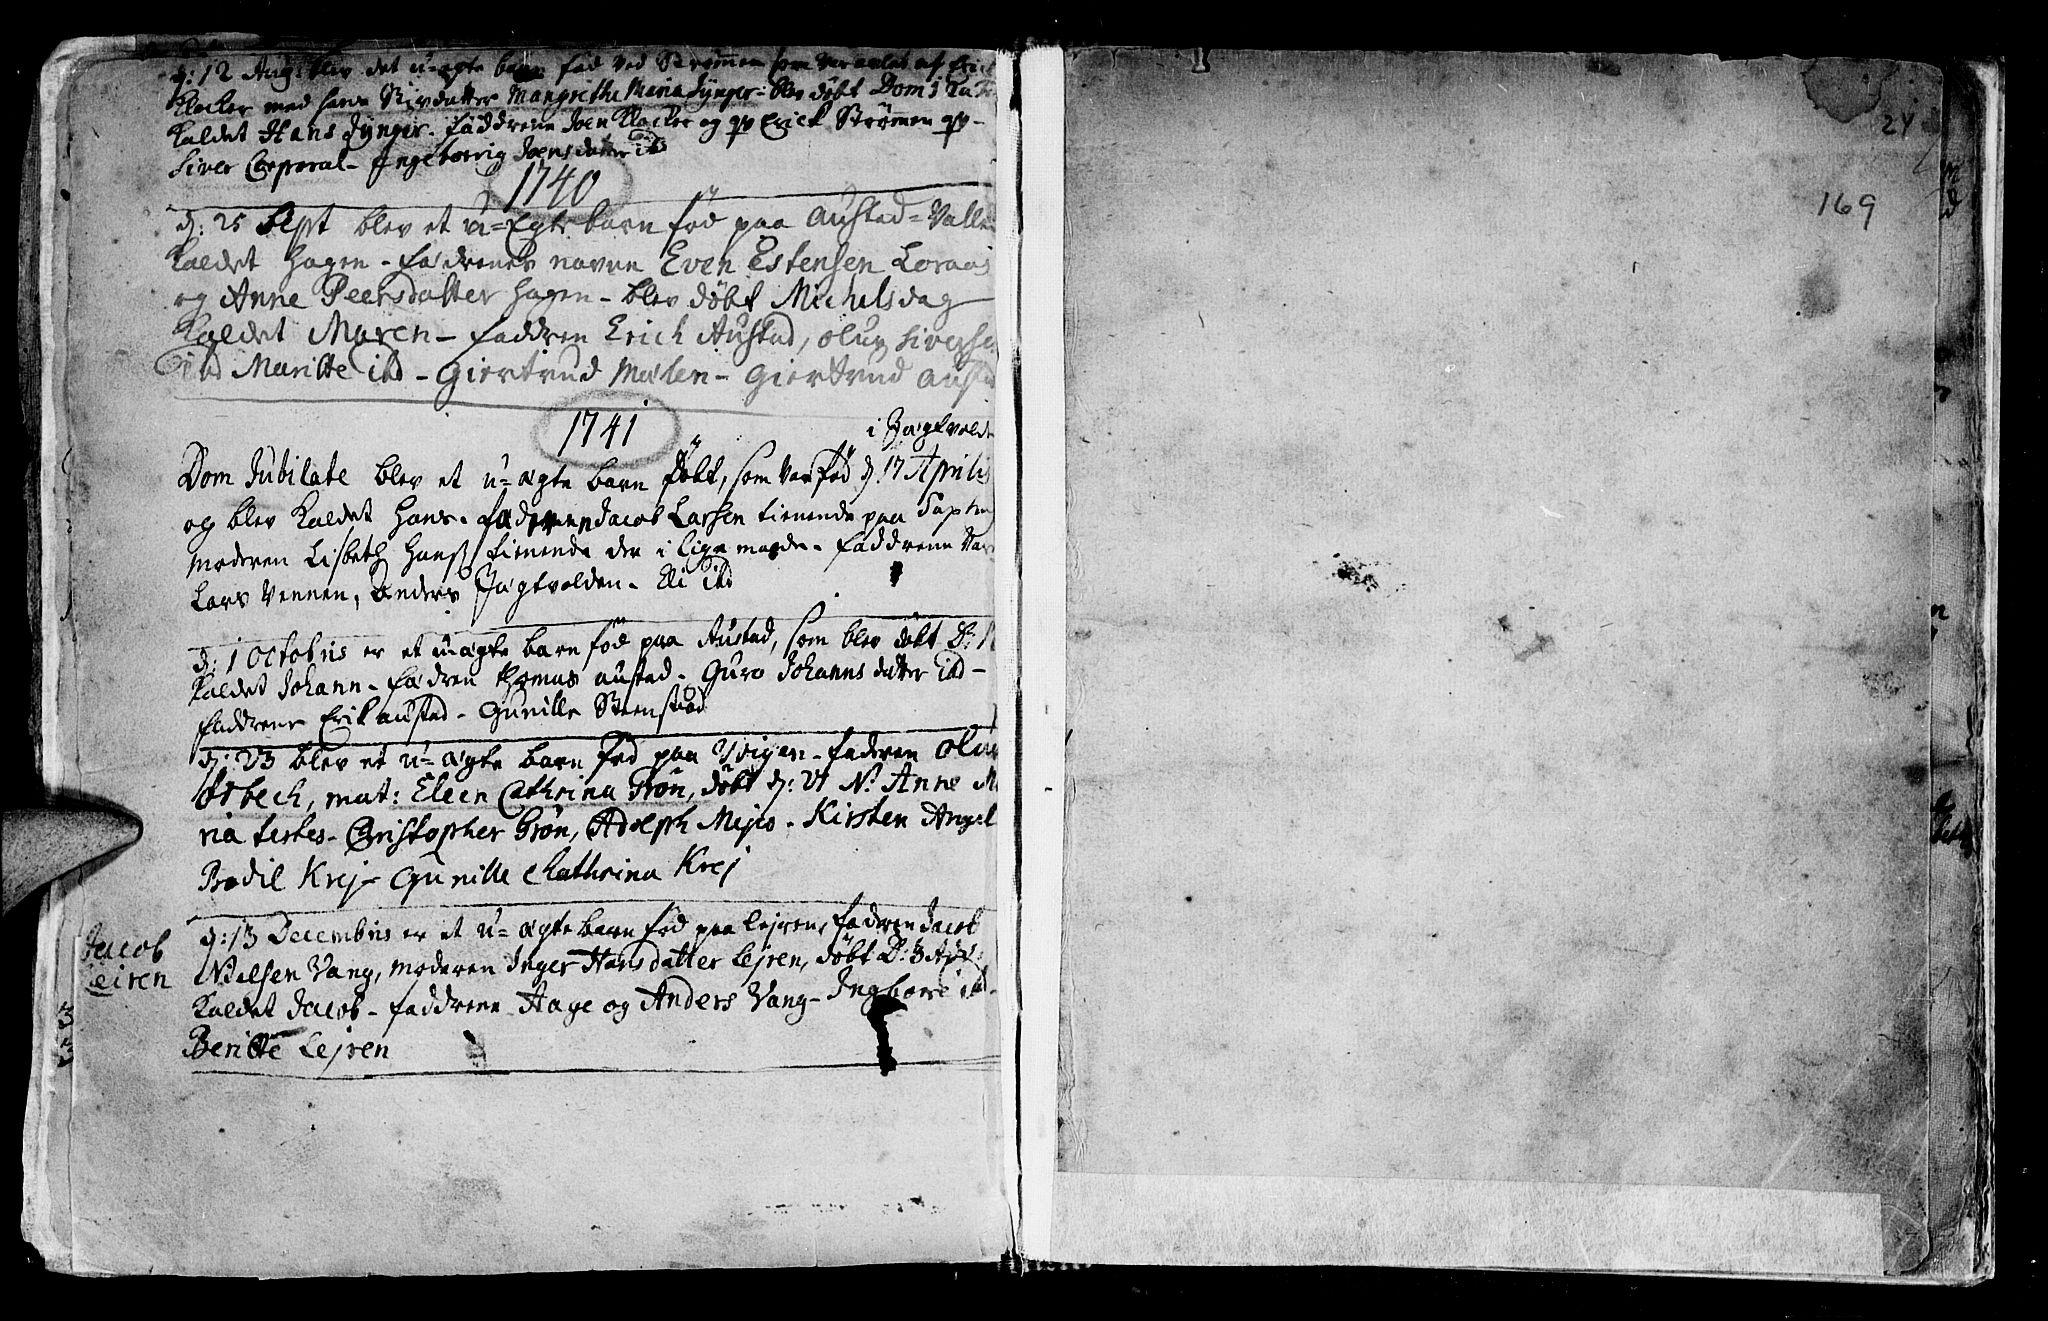 SAT, Ministerialprotokoller, klokkerbøker og fødselsregistre - Nord-Trøndelag, 730/L0272: Ministerialbok nr. 730A01, 1733-1764, s. 169